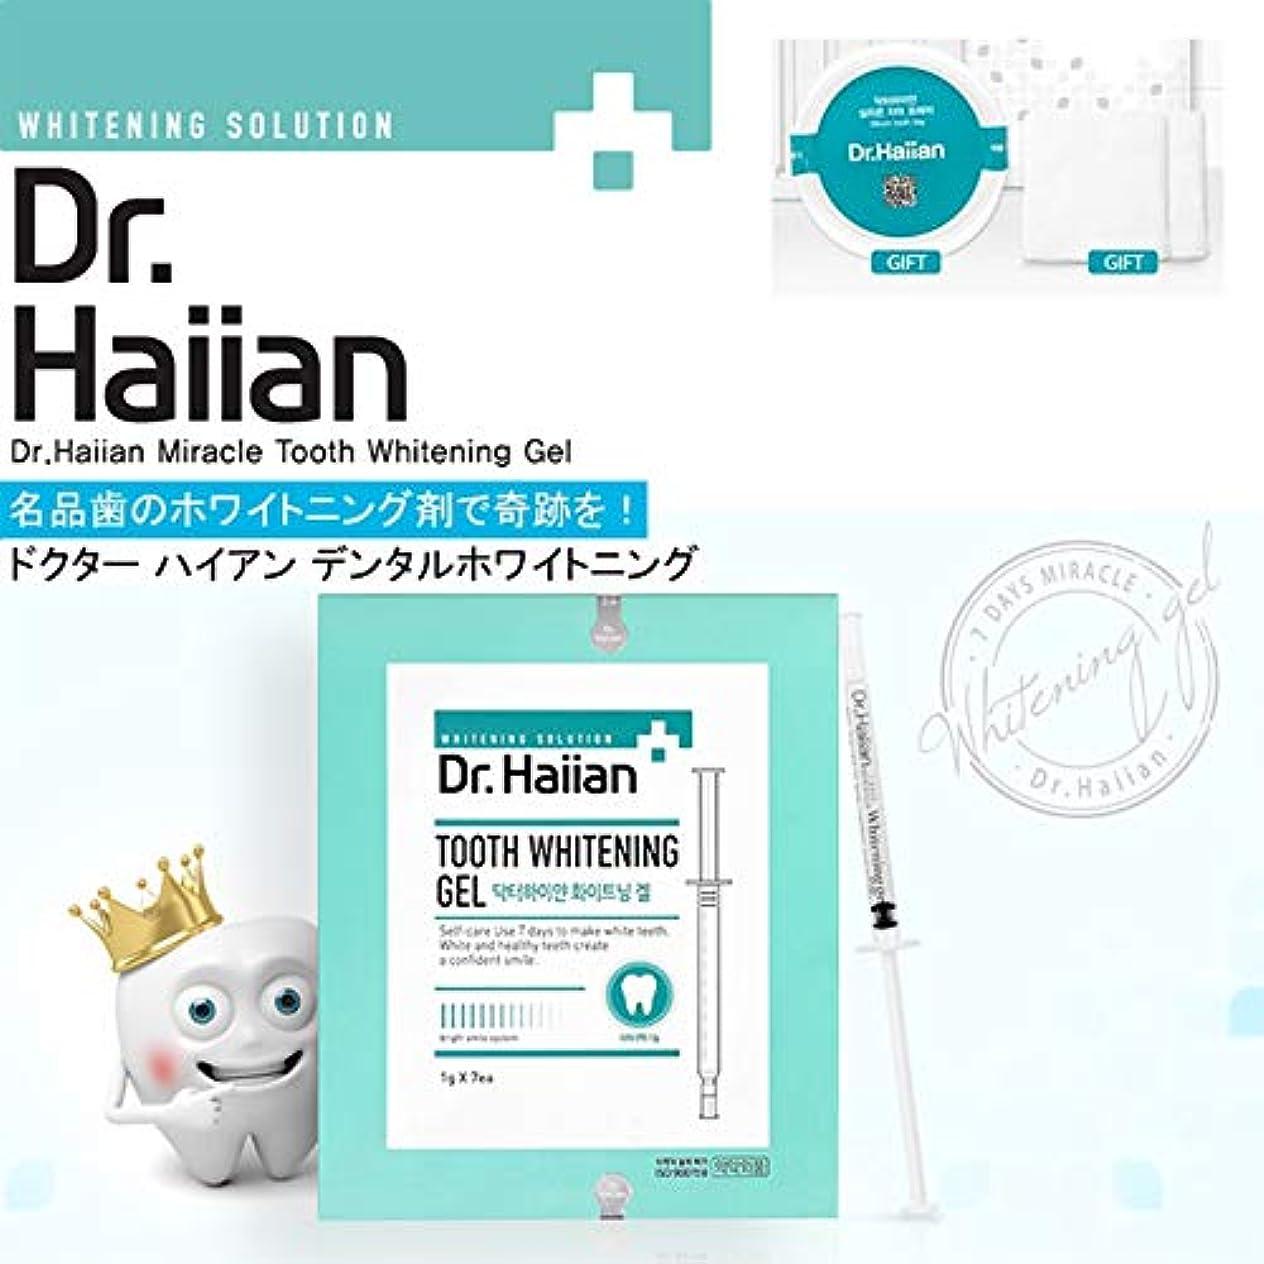 天文学スツール概要[SAMSUNG PHARM]Dr.Haiian 7Days Miracle/7日間の奇跡 [SAMSUNG PHARM]白い歯を管理するための/使ったら歯が白くなる!/Self-Teeth Whitening Agent...